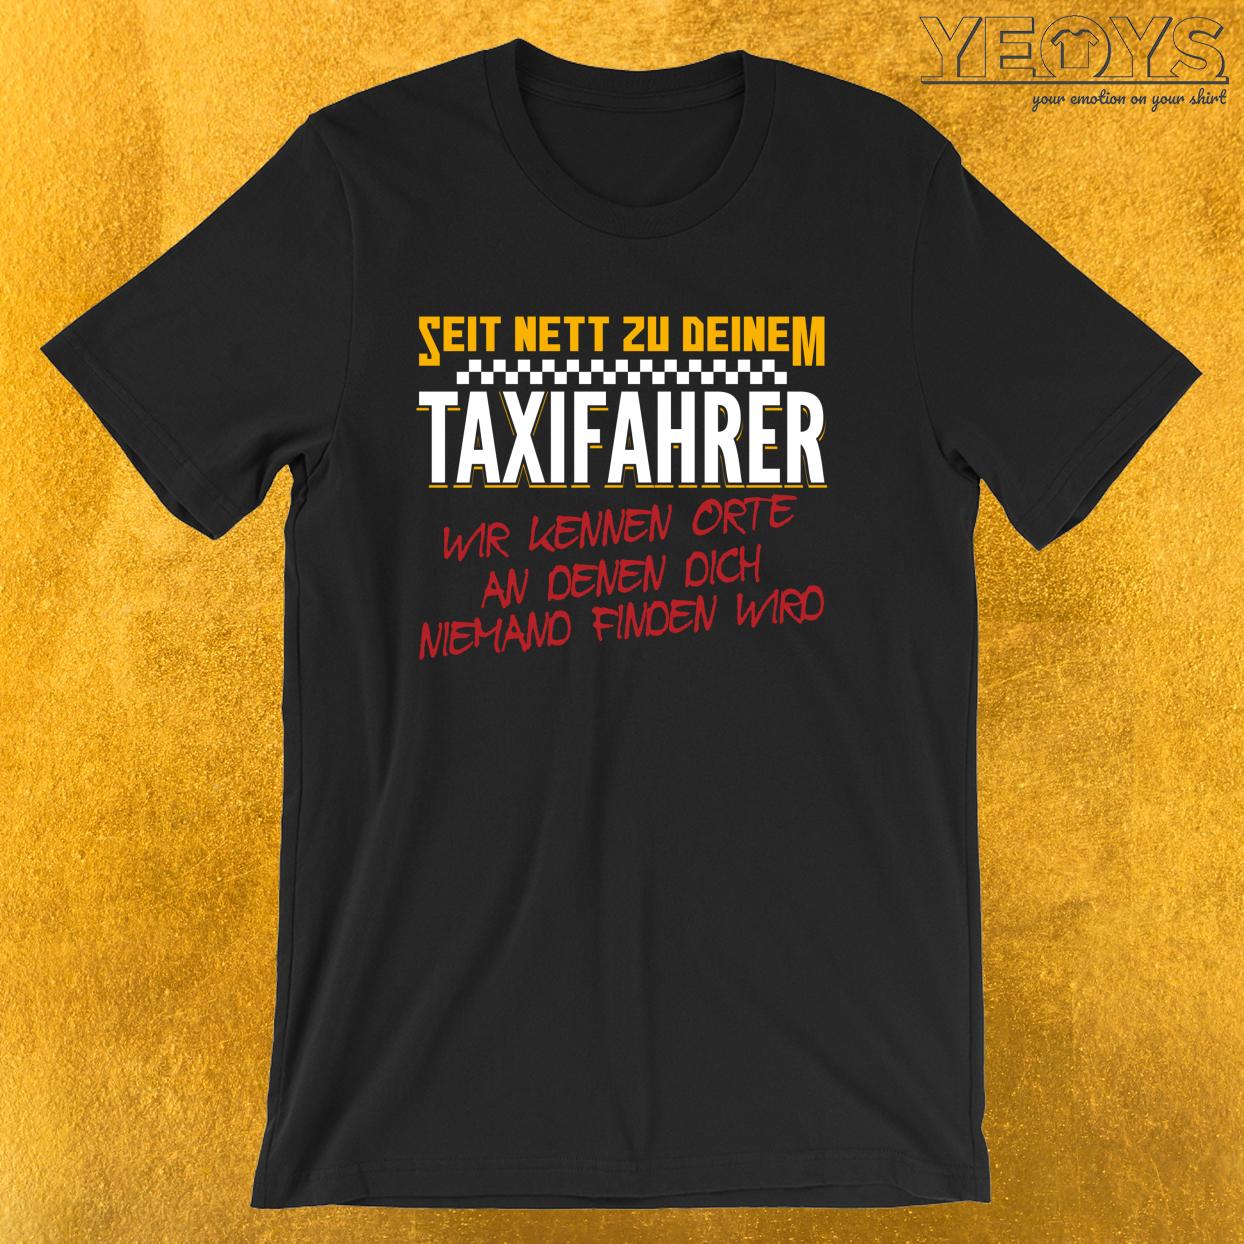 Seit Nett Zu Deinem Taxifahrer Wir Kennen Orte An Denen Dich Niemand Finden Wird – Taxifahrer Tee